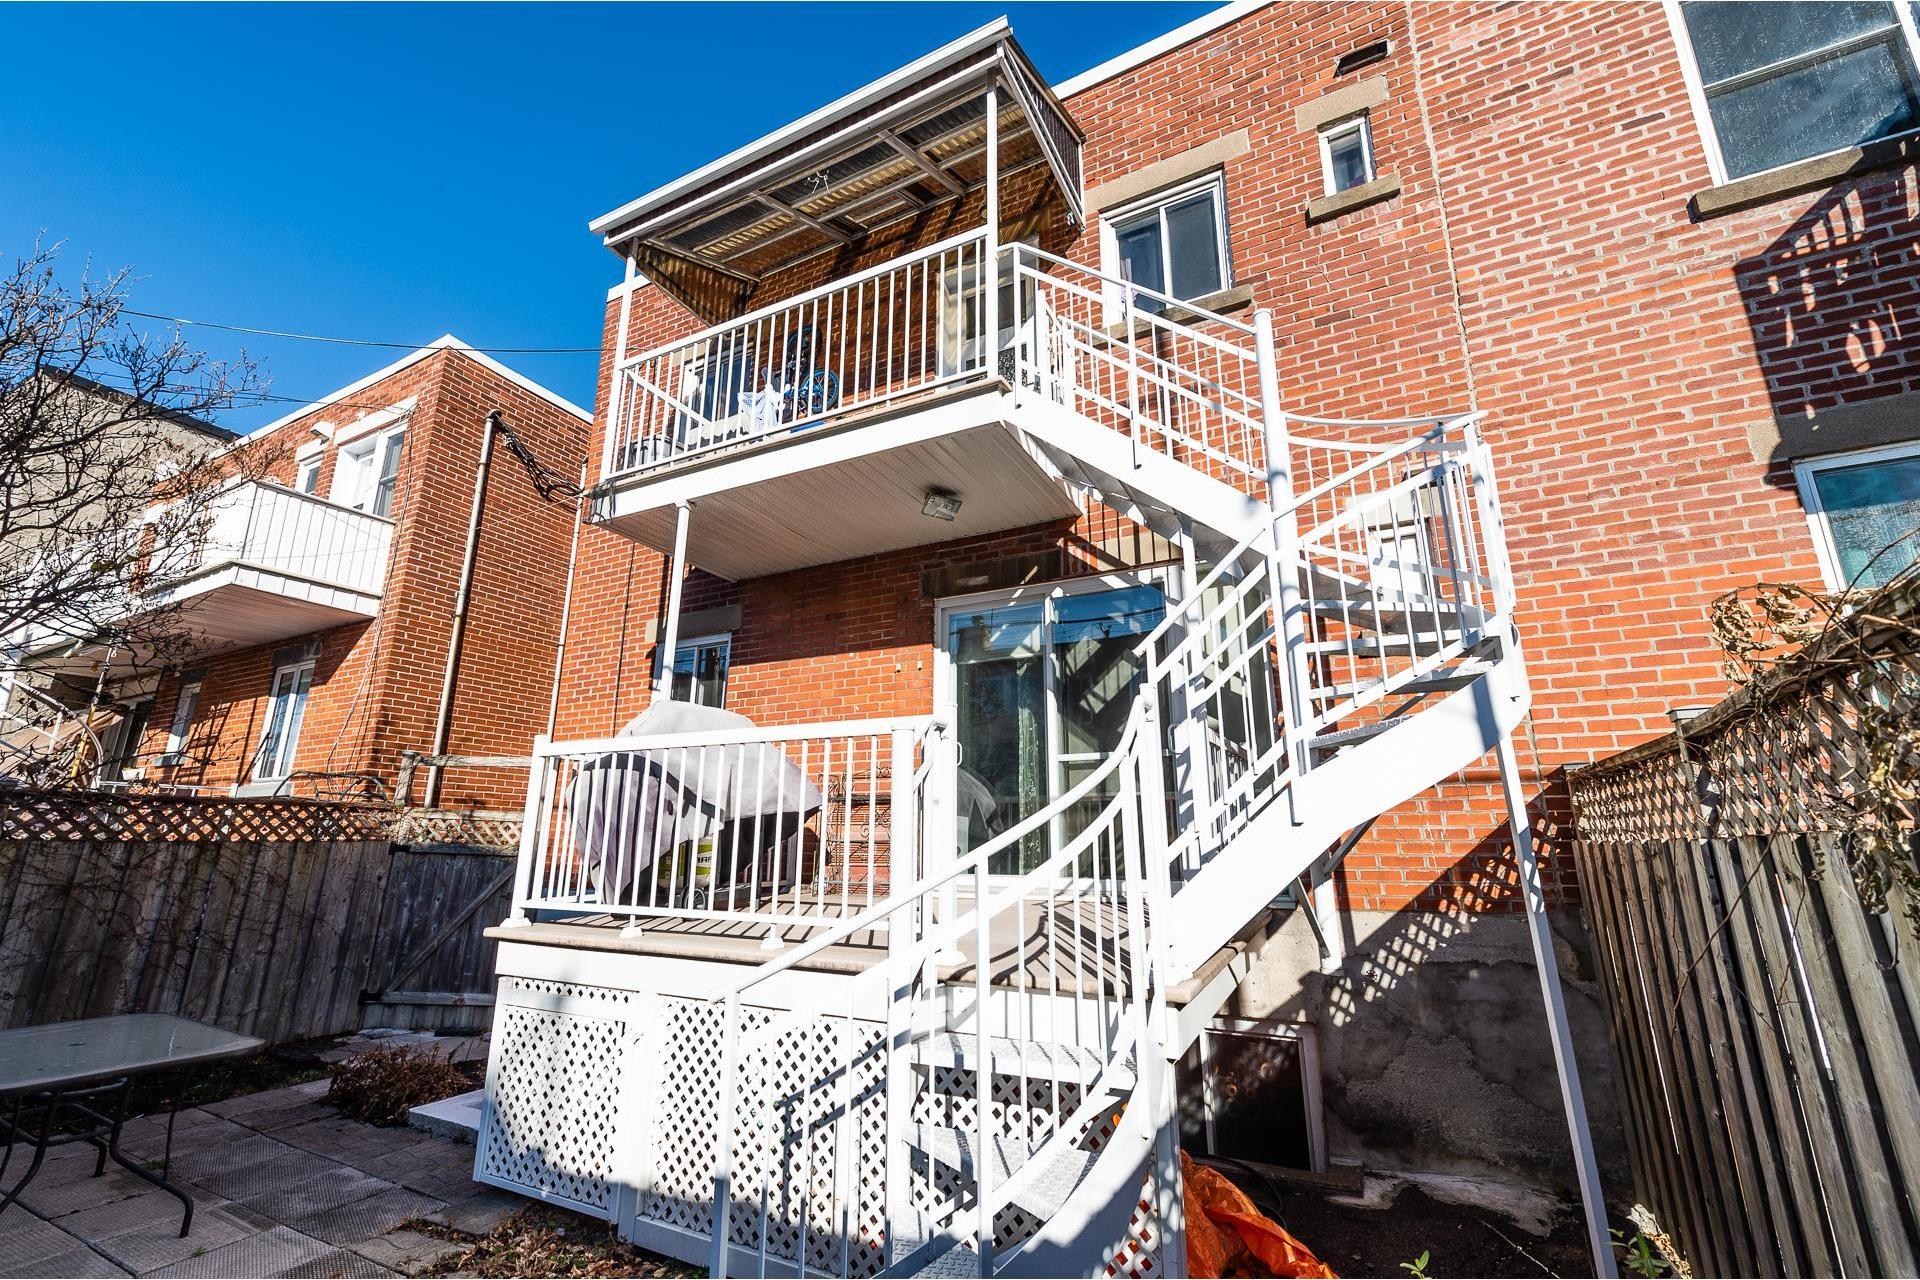 image 17 - Duplex À vendre Villeray/Saint-Michel/Parc-Extension Montréal  - 5 pièces